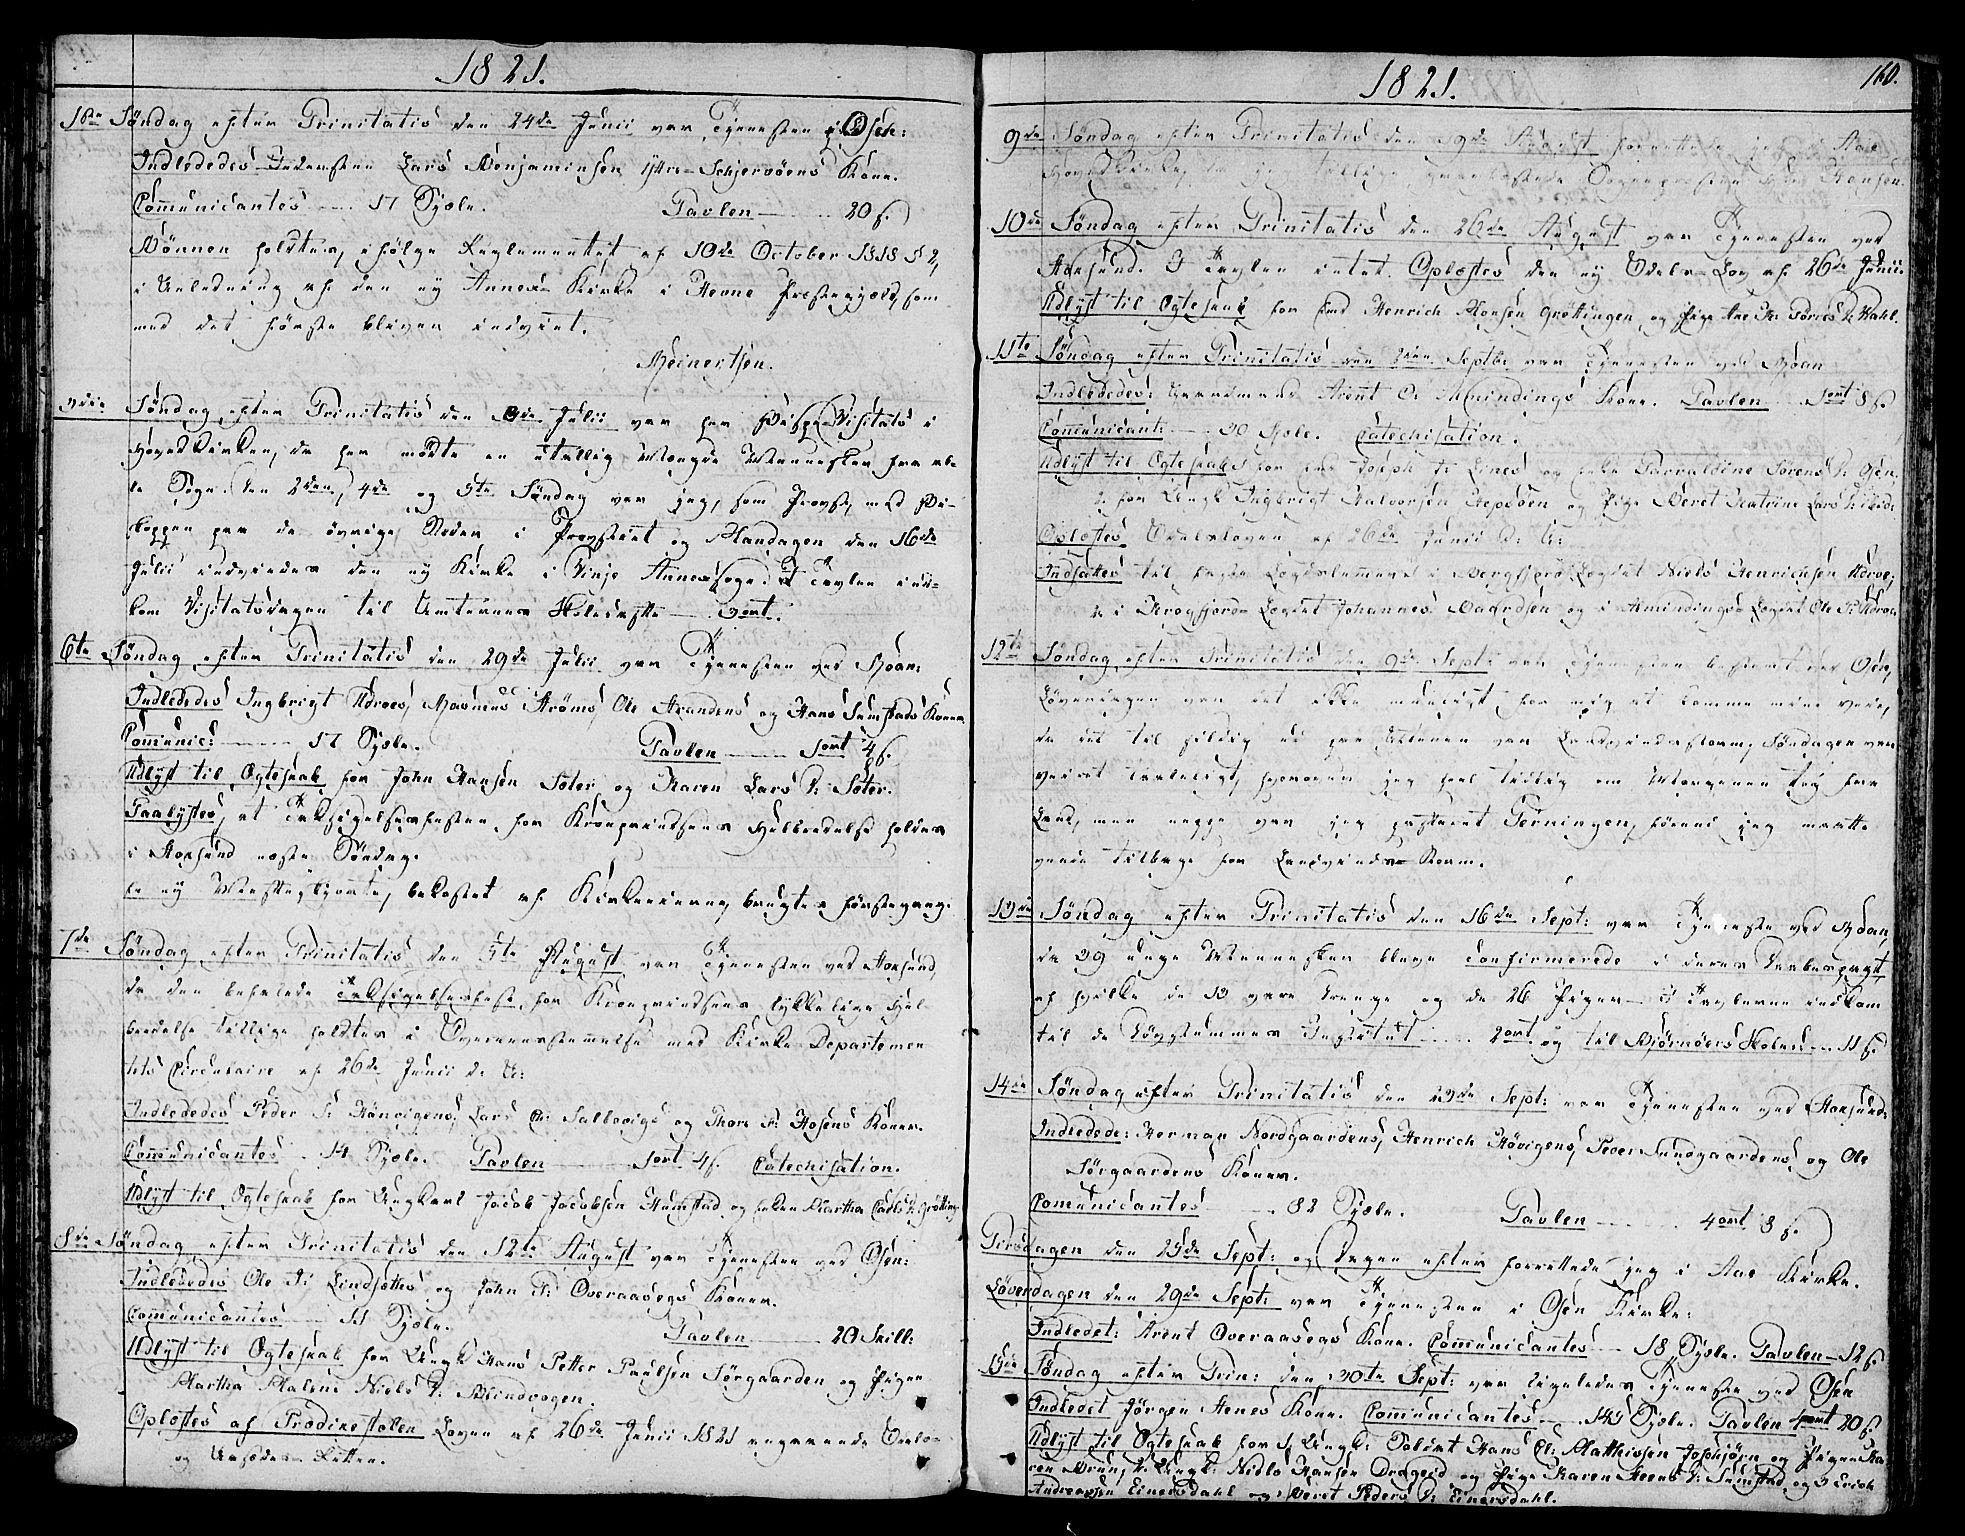 SAT, Ministerialprotokoller, klokkerbøker og fødselsregistre - Sør-Trøndelag, 657/L0701: Ministerialbok nr. 657A02, 1802-1831, s. 160